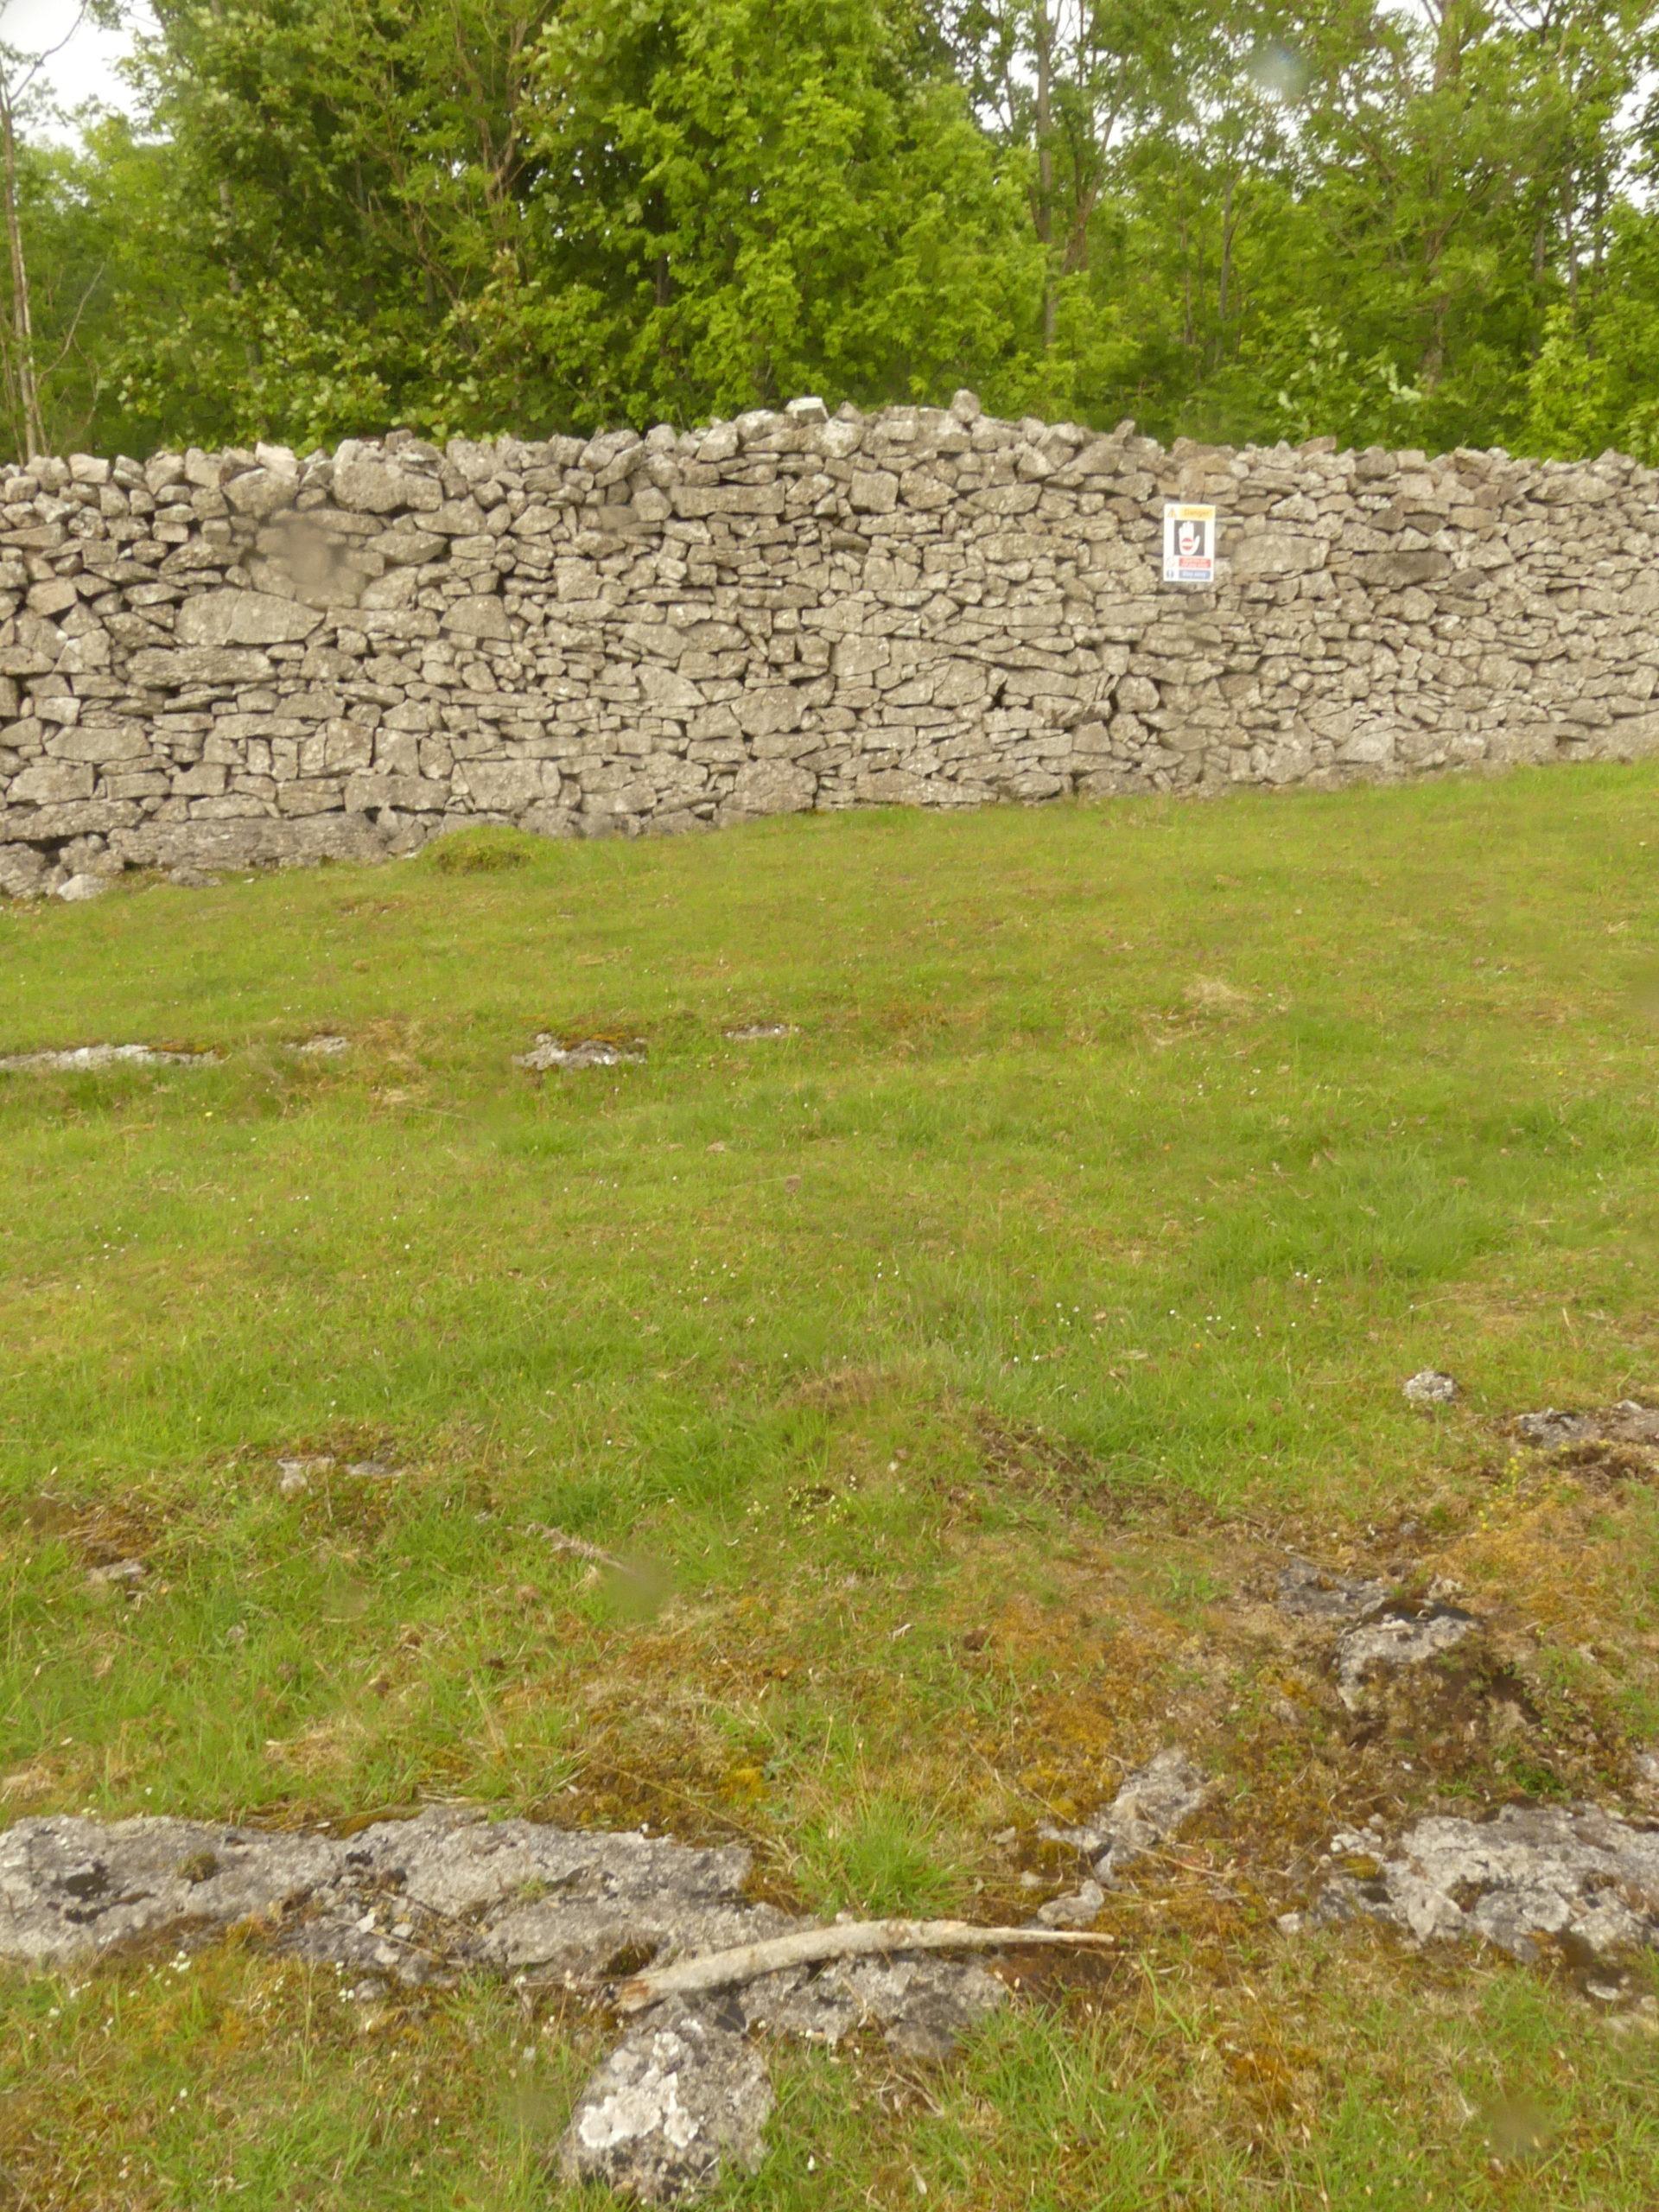 Peltigera leucophlebia limestone pavement habitat